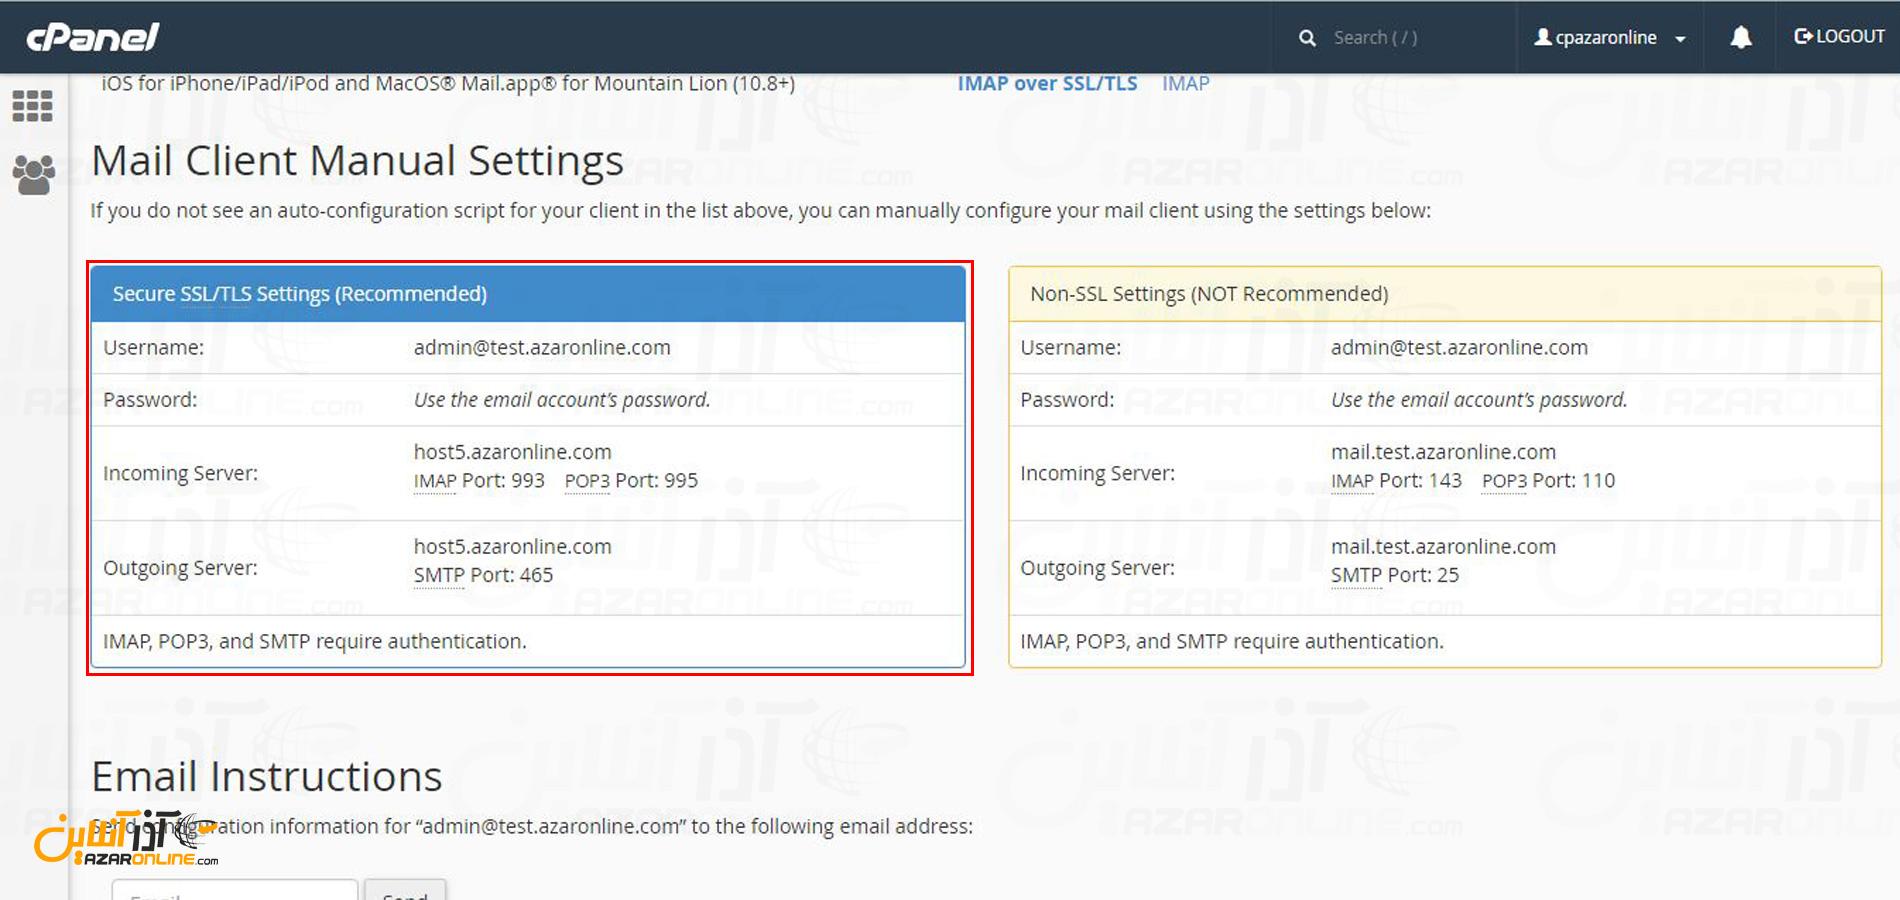 تنظیمات مربوط به آدرس سرور و پورت